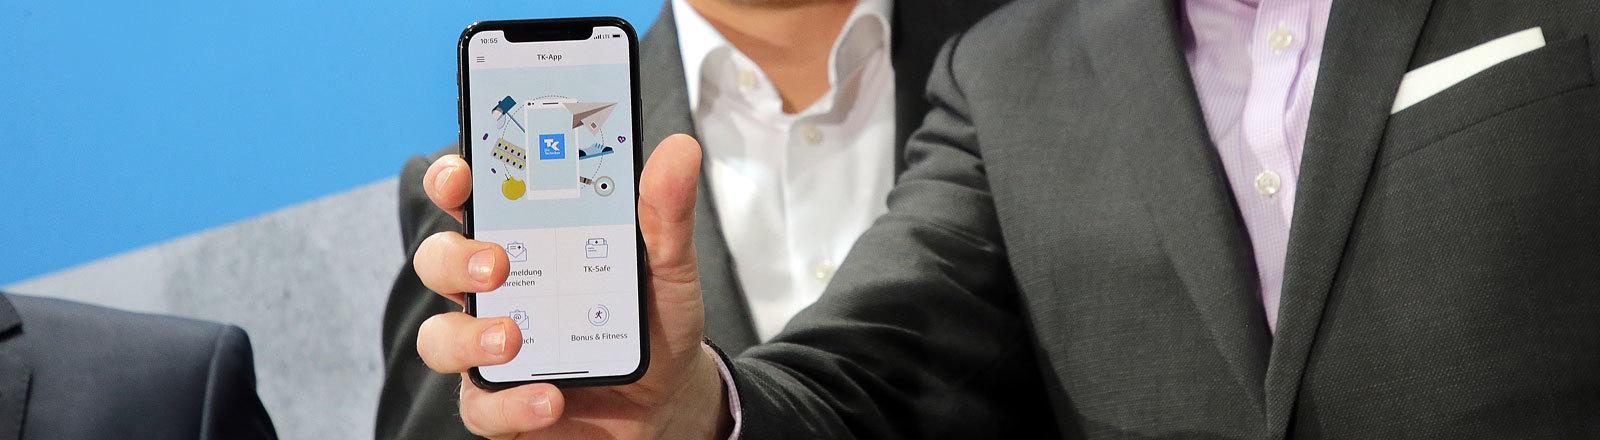 """24.04.2018, Berlin: Jens Baas (r), Vorsitzender des Vorstands der Techniker Krankenkasse und Matthias Hartmann, Geschäftsführer IBM Deutschland, präsentieren eine App zum Start einer ersten """"Elektronischen Gesundheitsakte""""."""